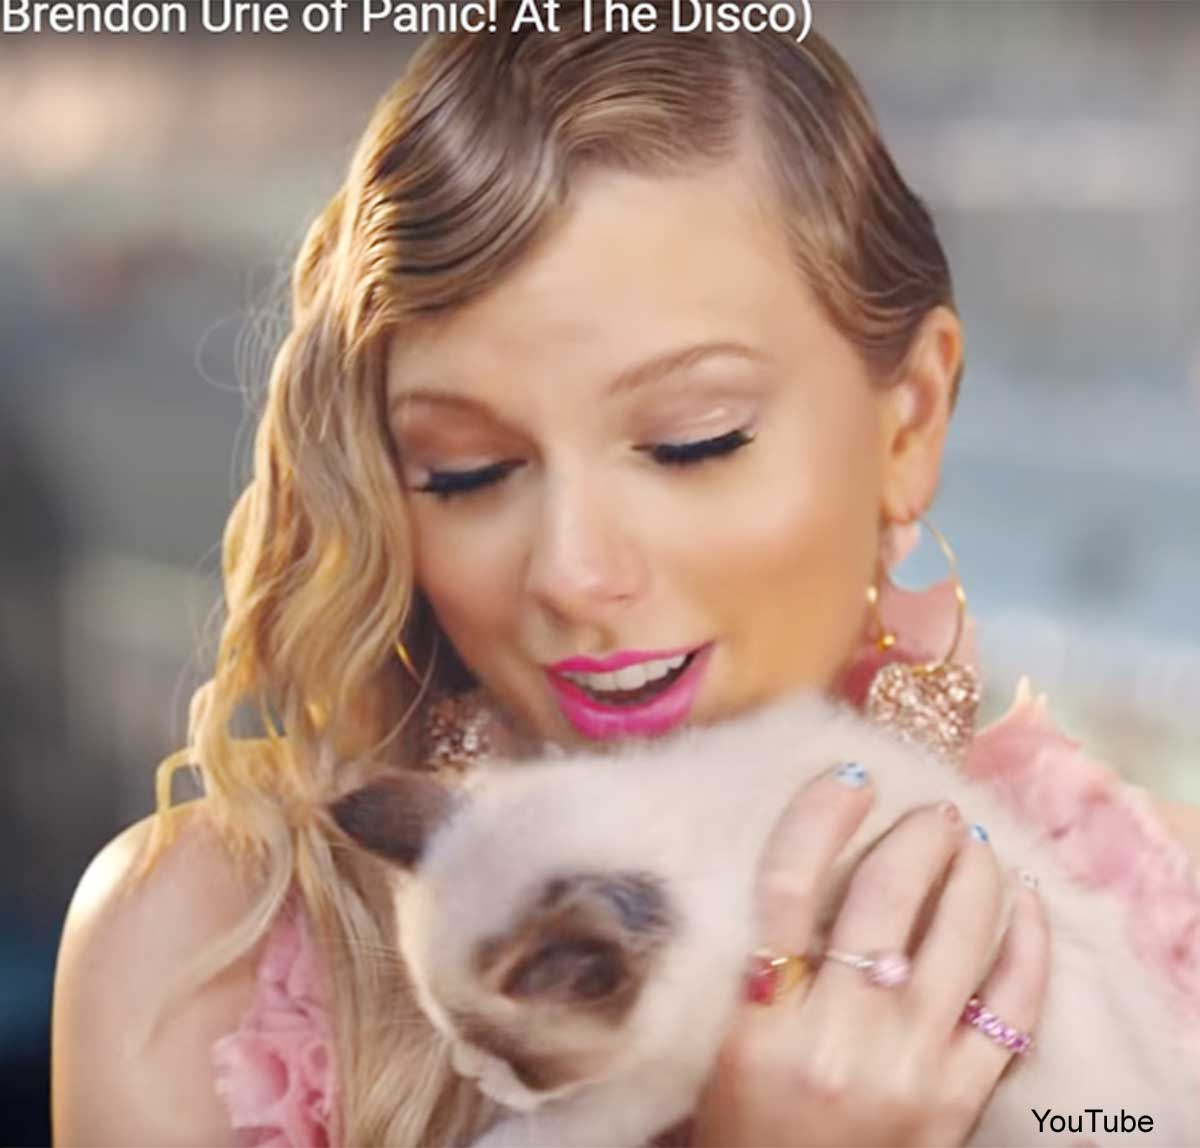 テイラー・スウィフト、新しく飼った猫は「セットで出会った」! 「Me!」MVでこの子猫が果たした役割とは?